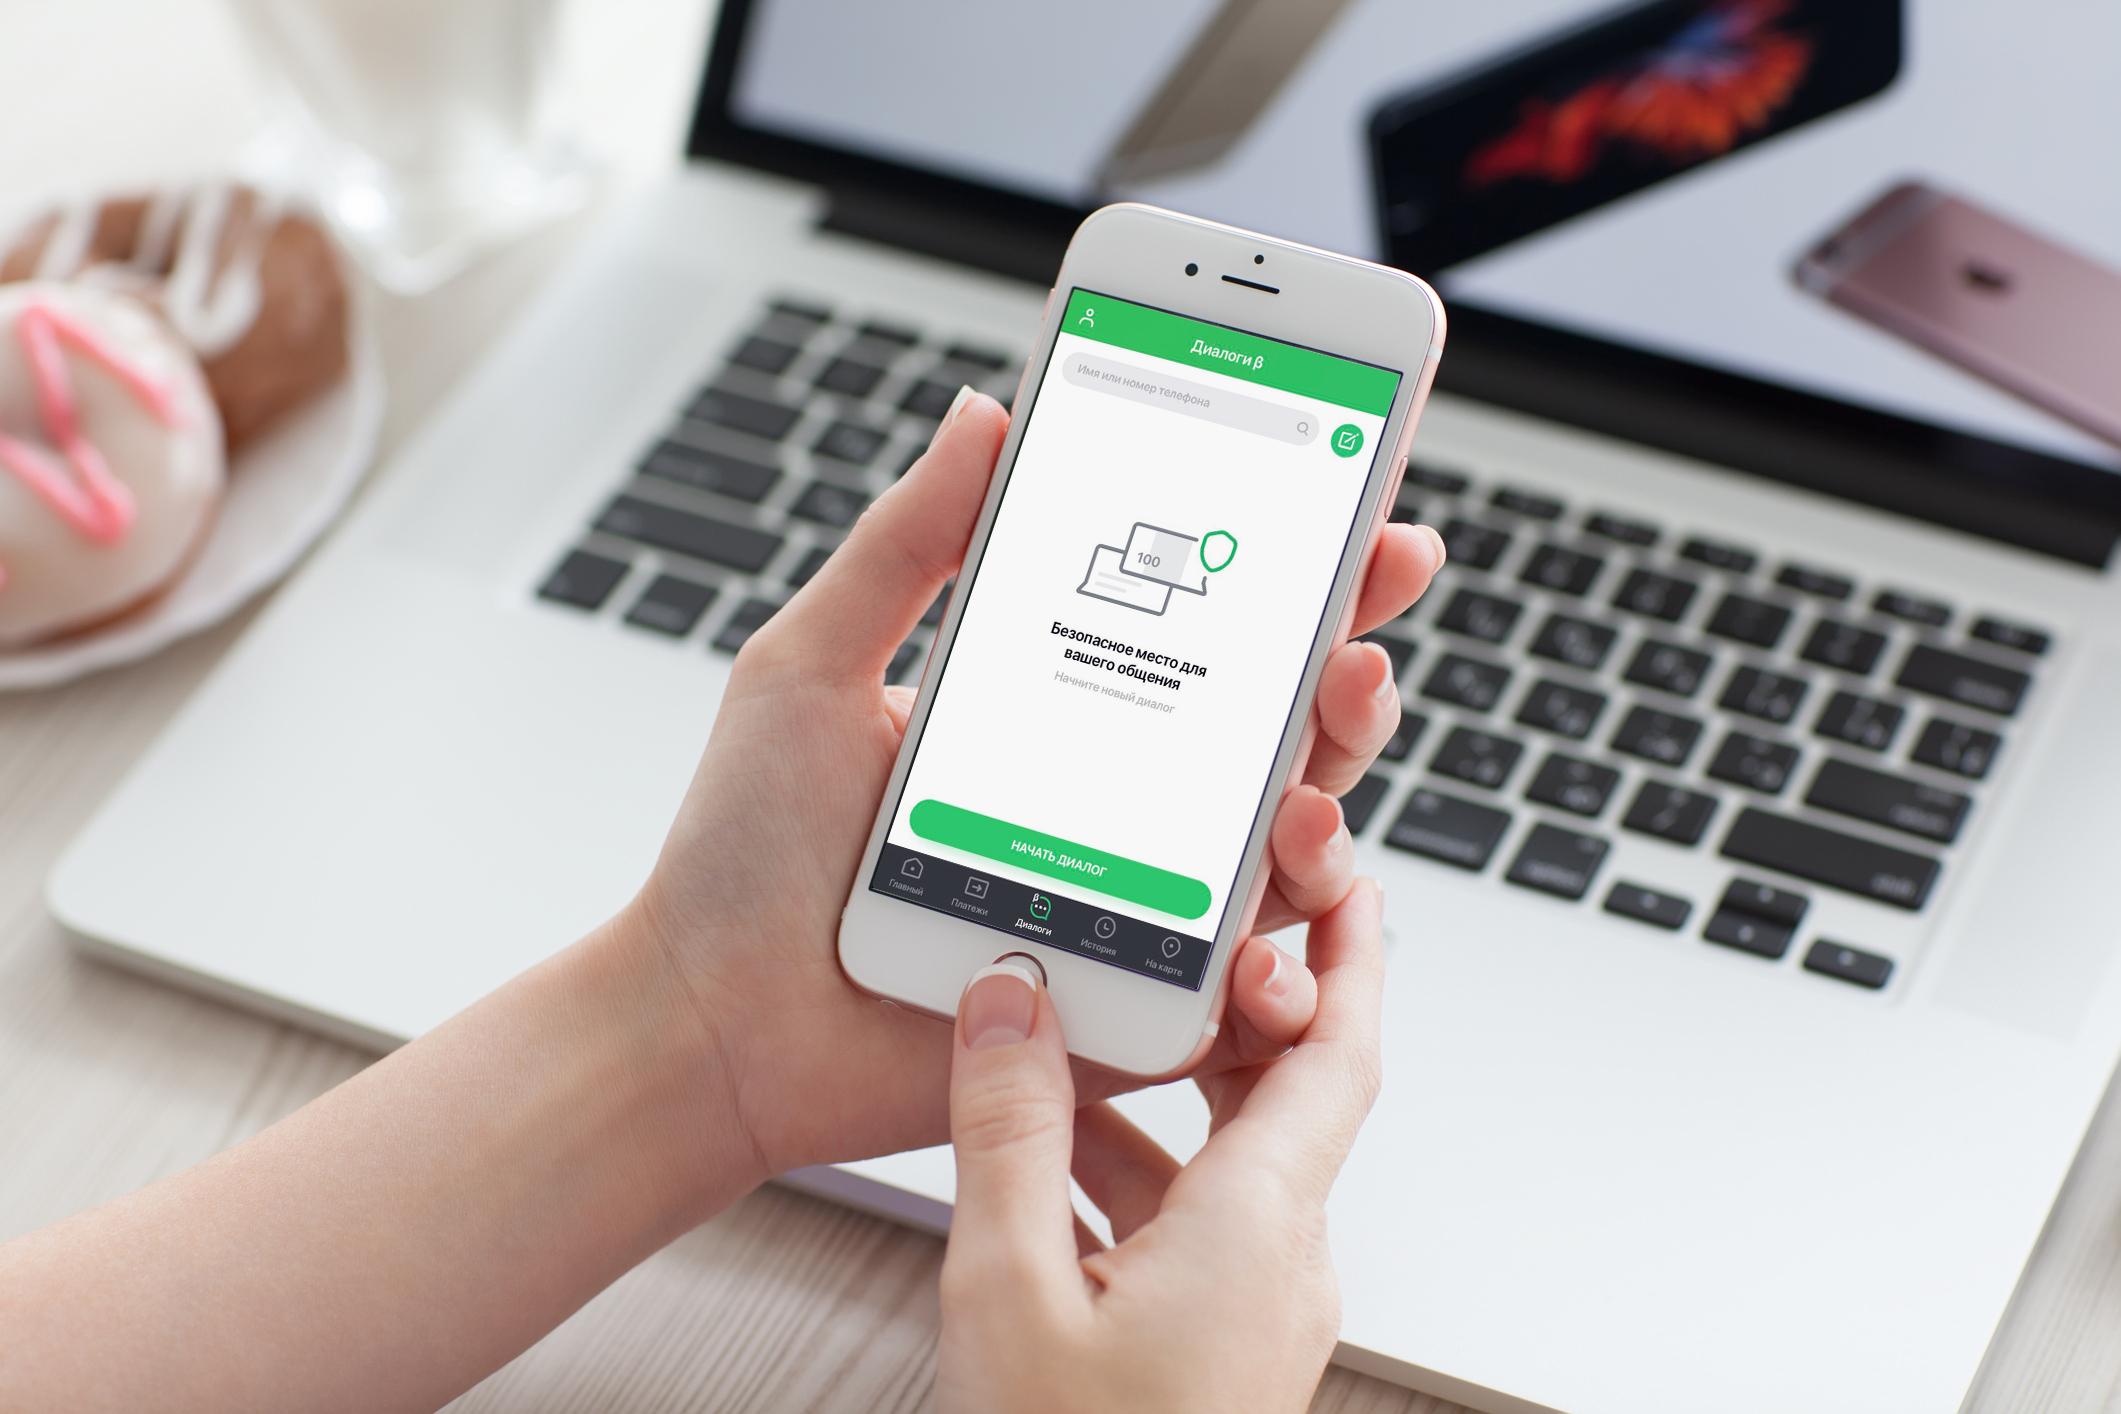 Сбербанк запустил мессенджер «Диалоги» в приложении «Сбербанк Онлайн»